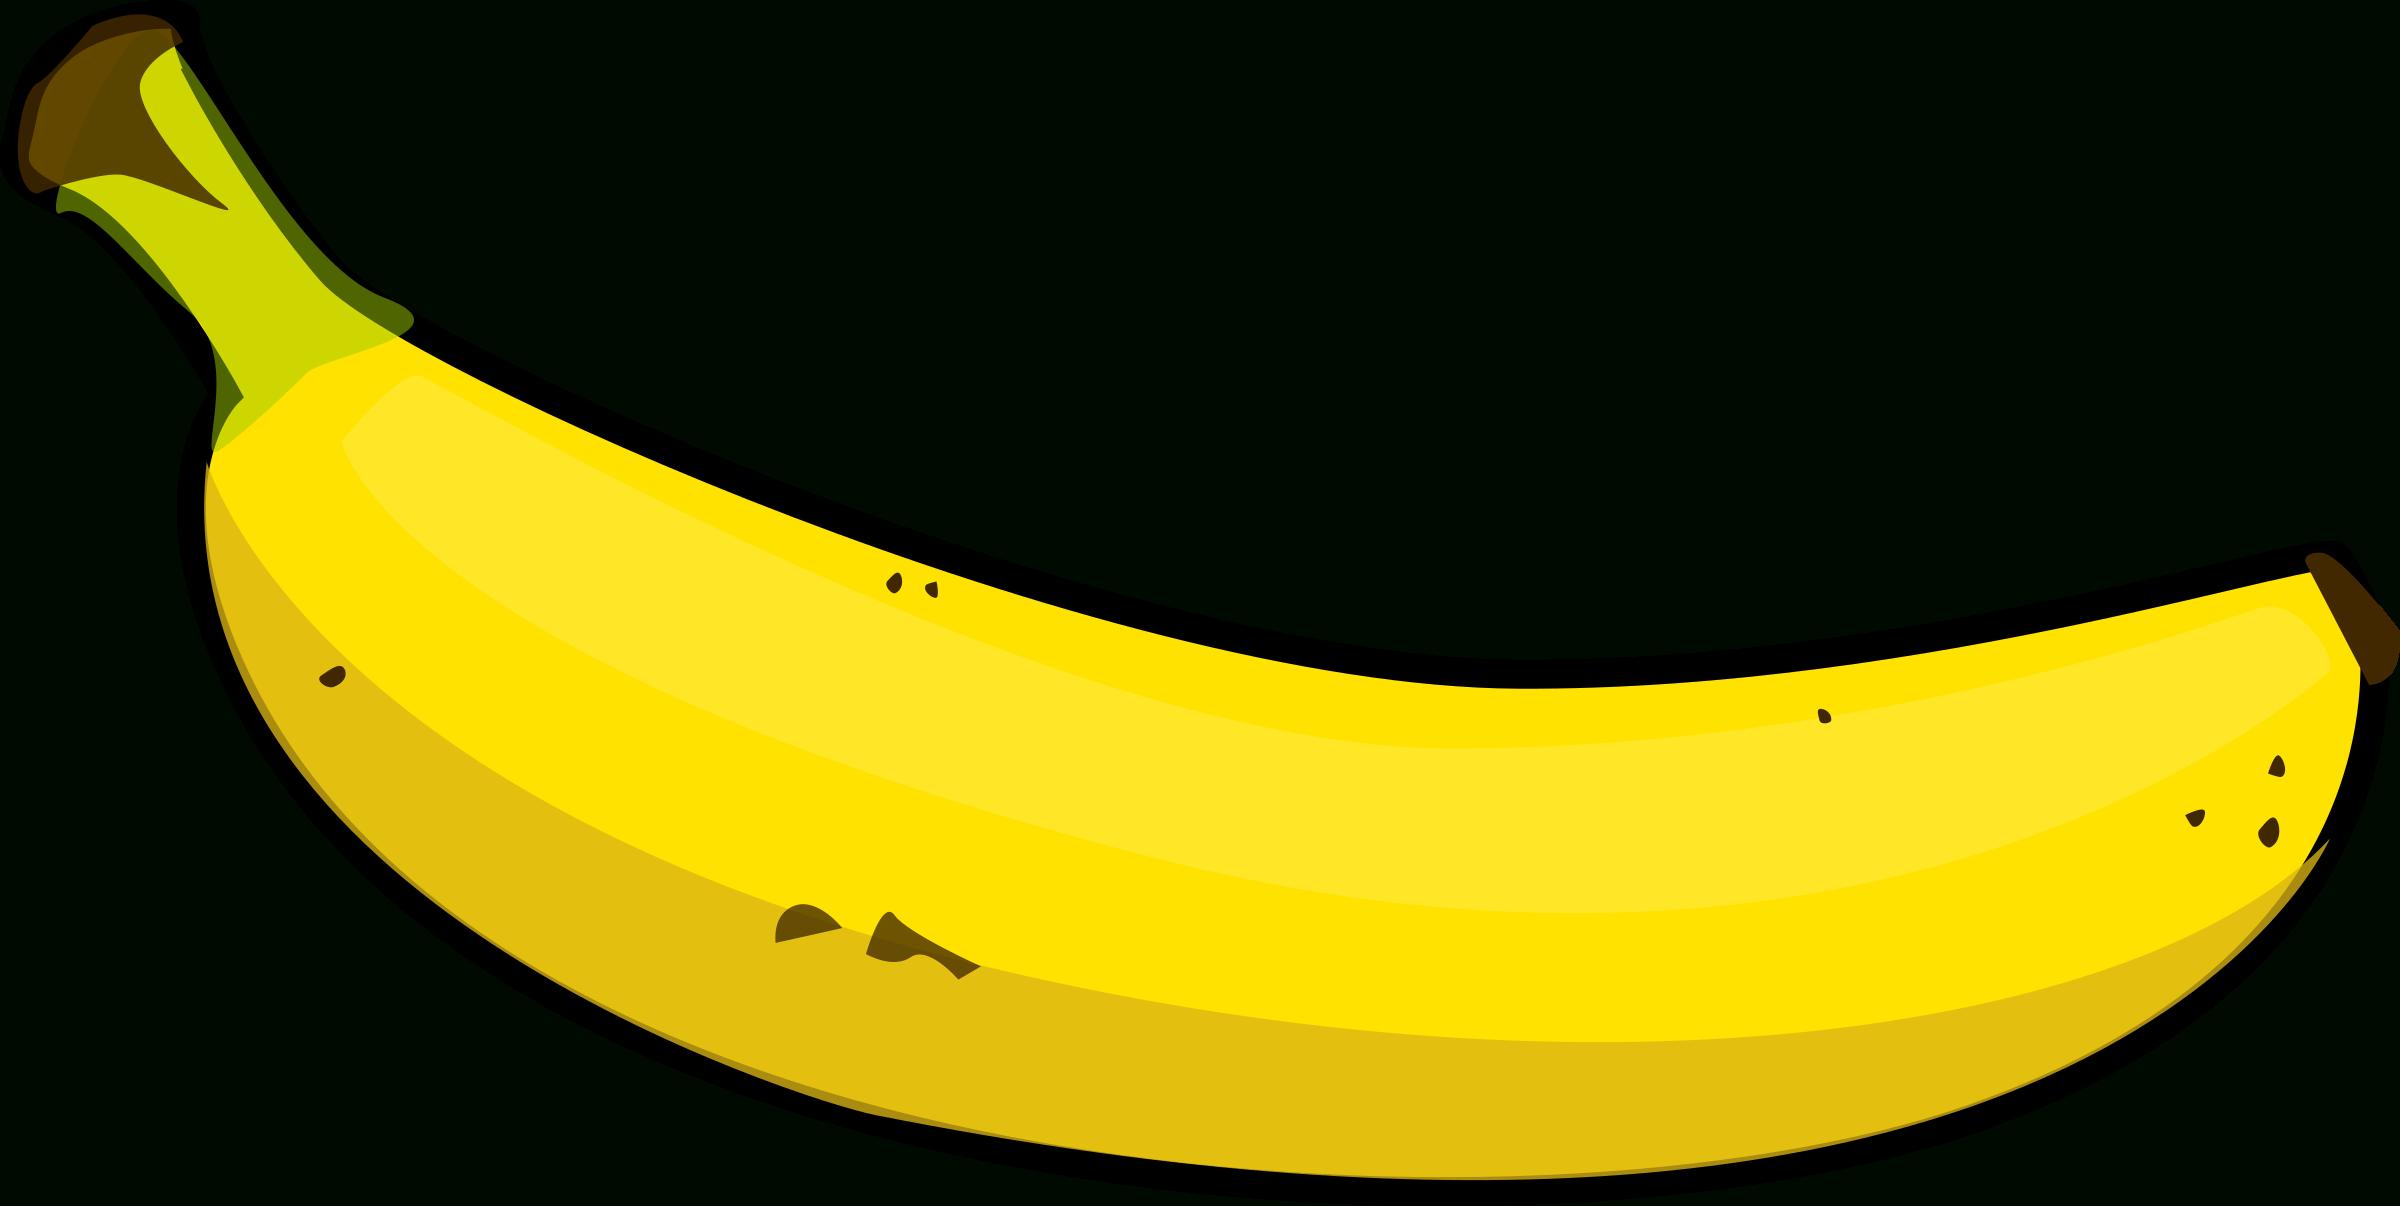 Clipart of banana vector download Good Banana Clipart & Look At Banana Hq Clip Art Images - Clipart ... vector download